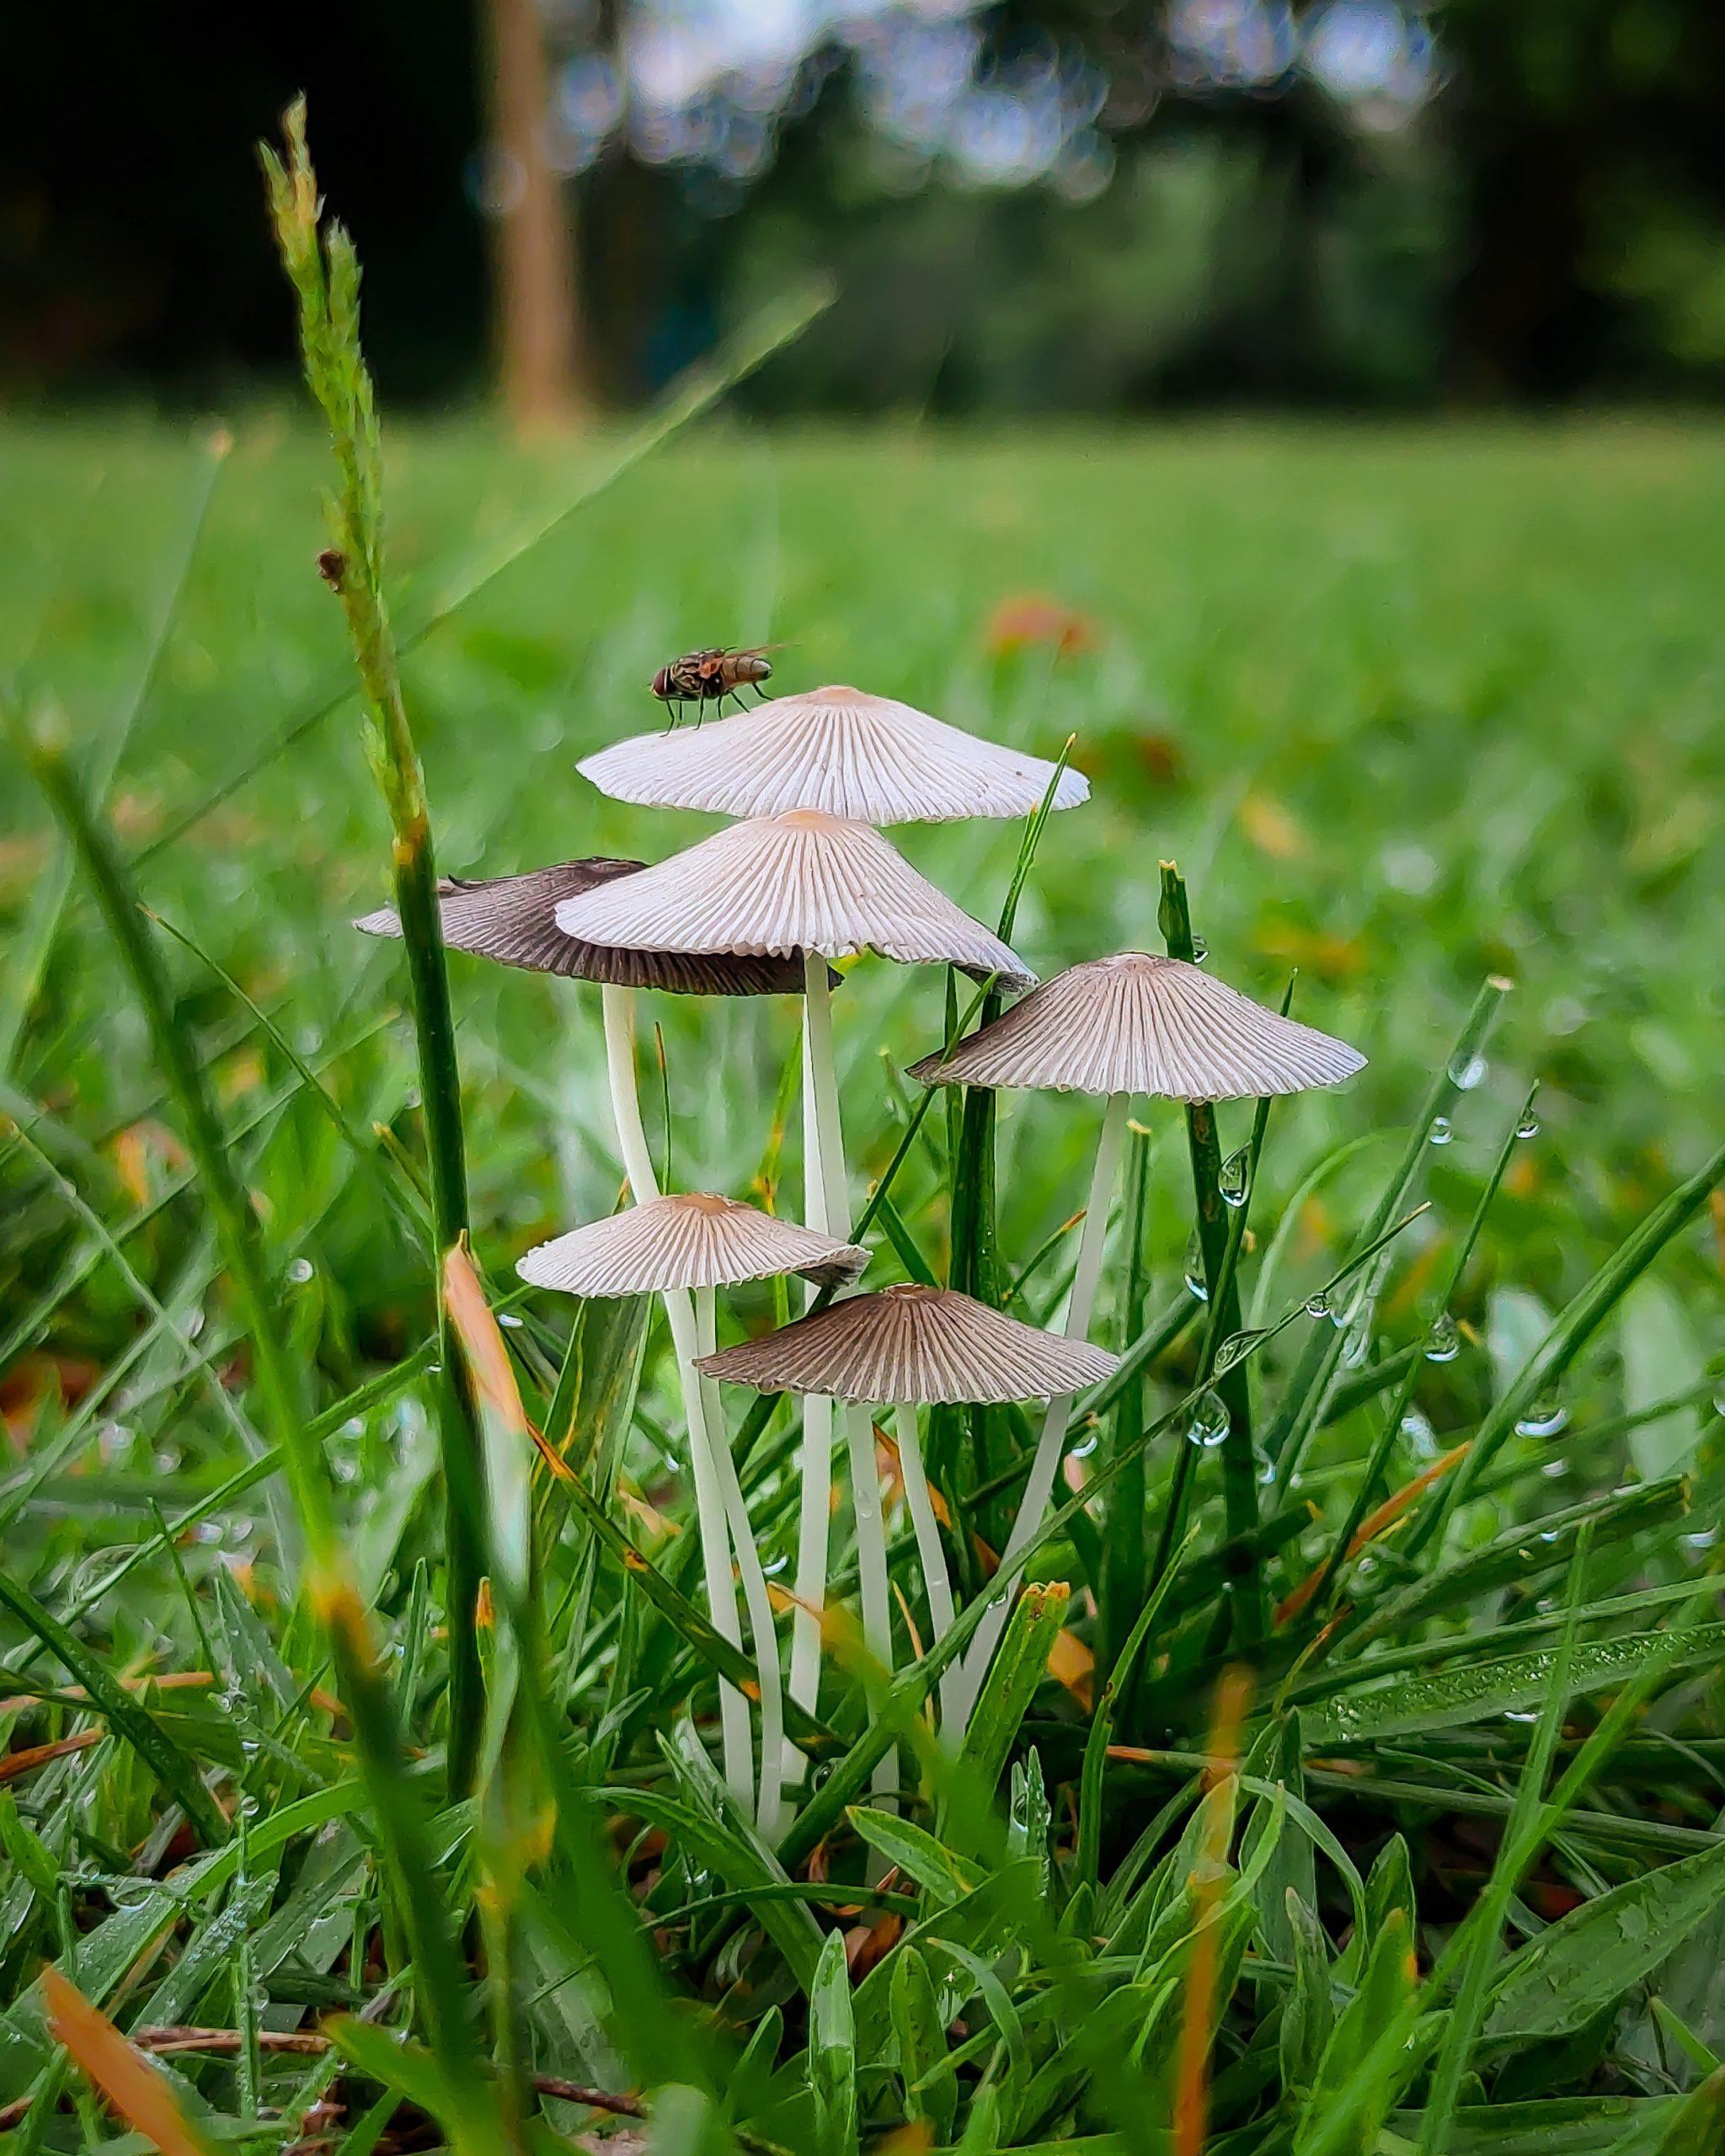 Mushroom blooming in green field